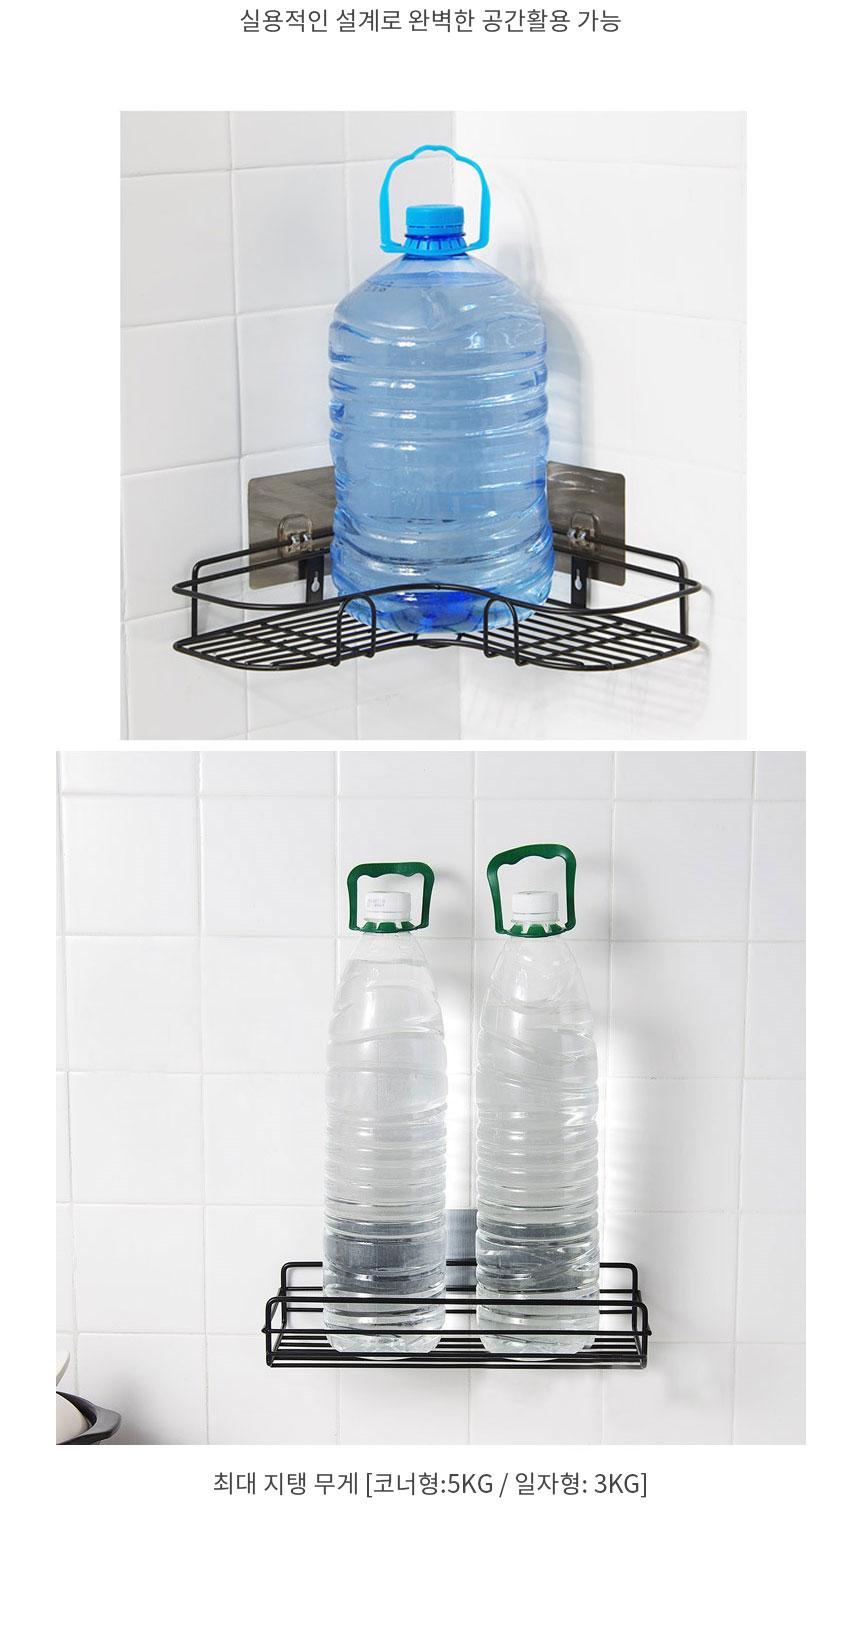 수납걸이 무타공 접착식 욕실선반 - 슈와츠코리아, 7,000원, 정리용품/청소, 욕실선반/걸이